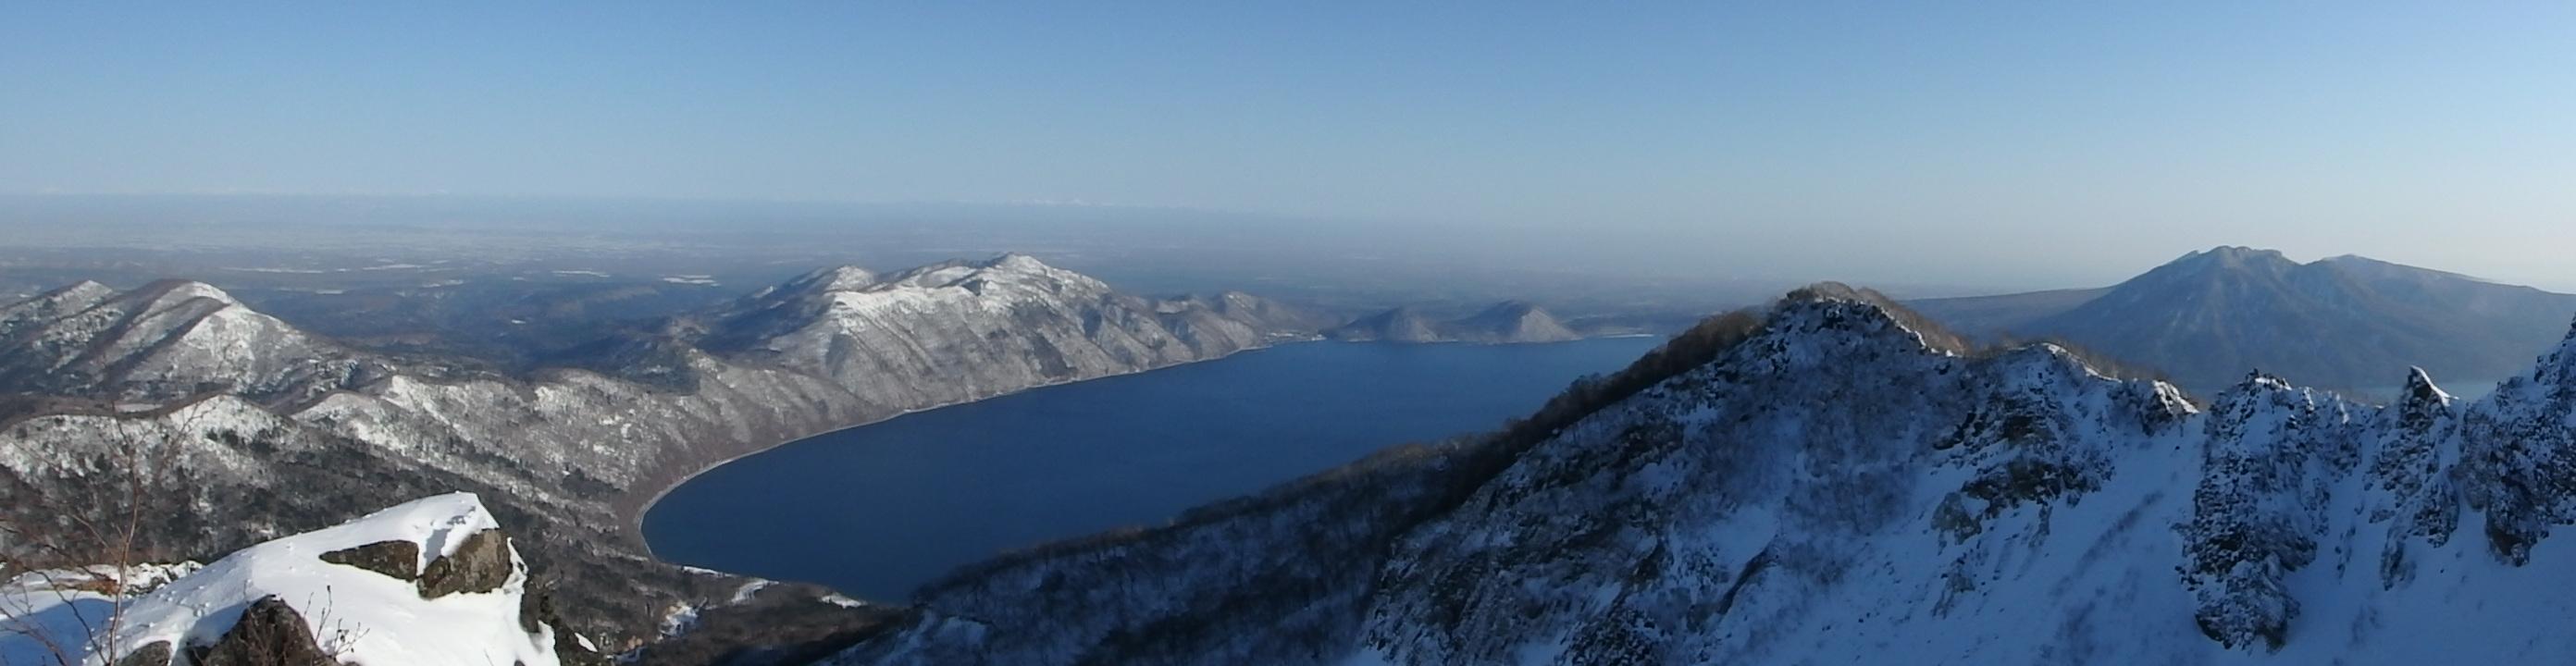 幌平山、12月19日_f0138096_12331376.jpg